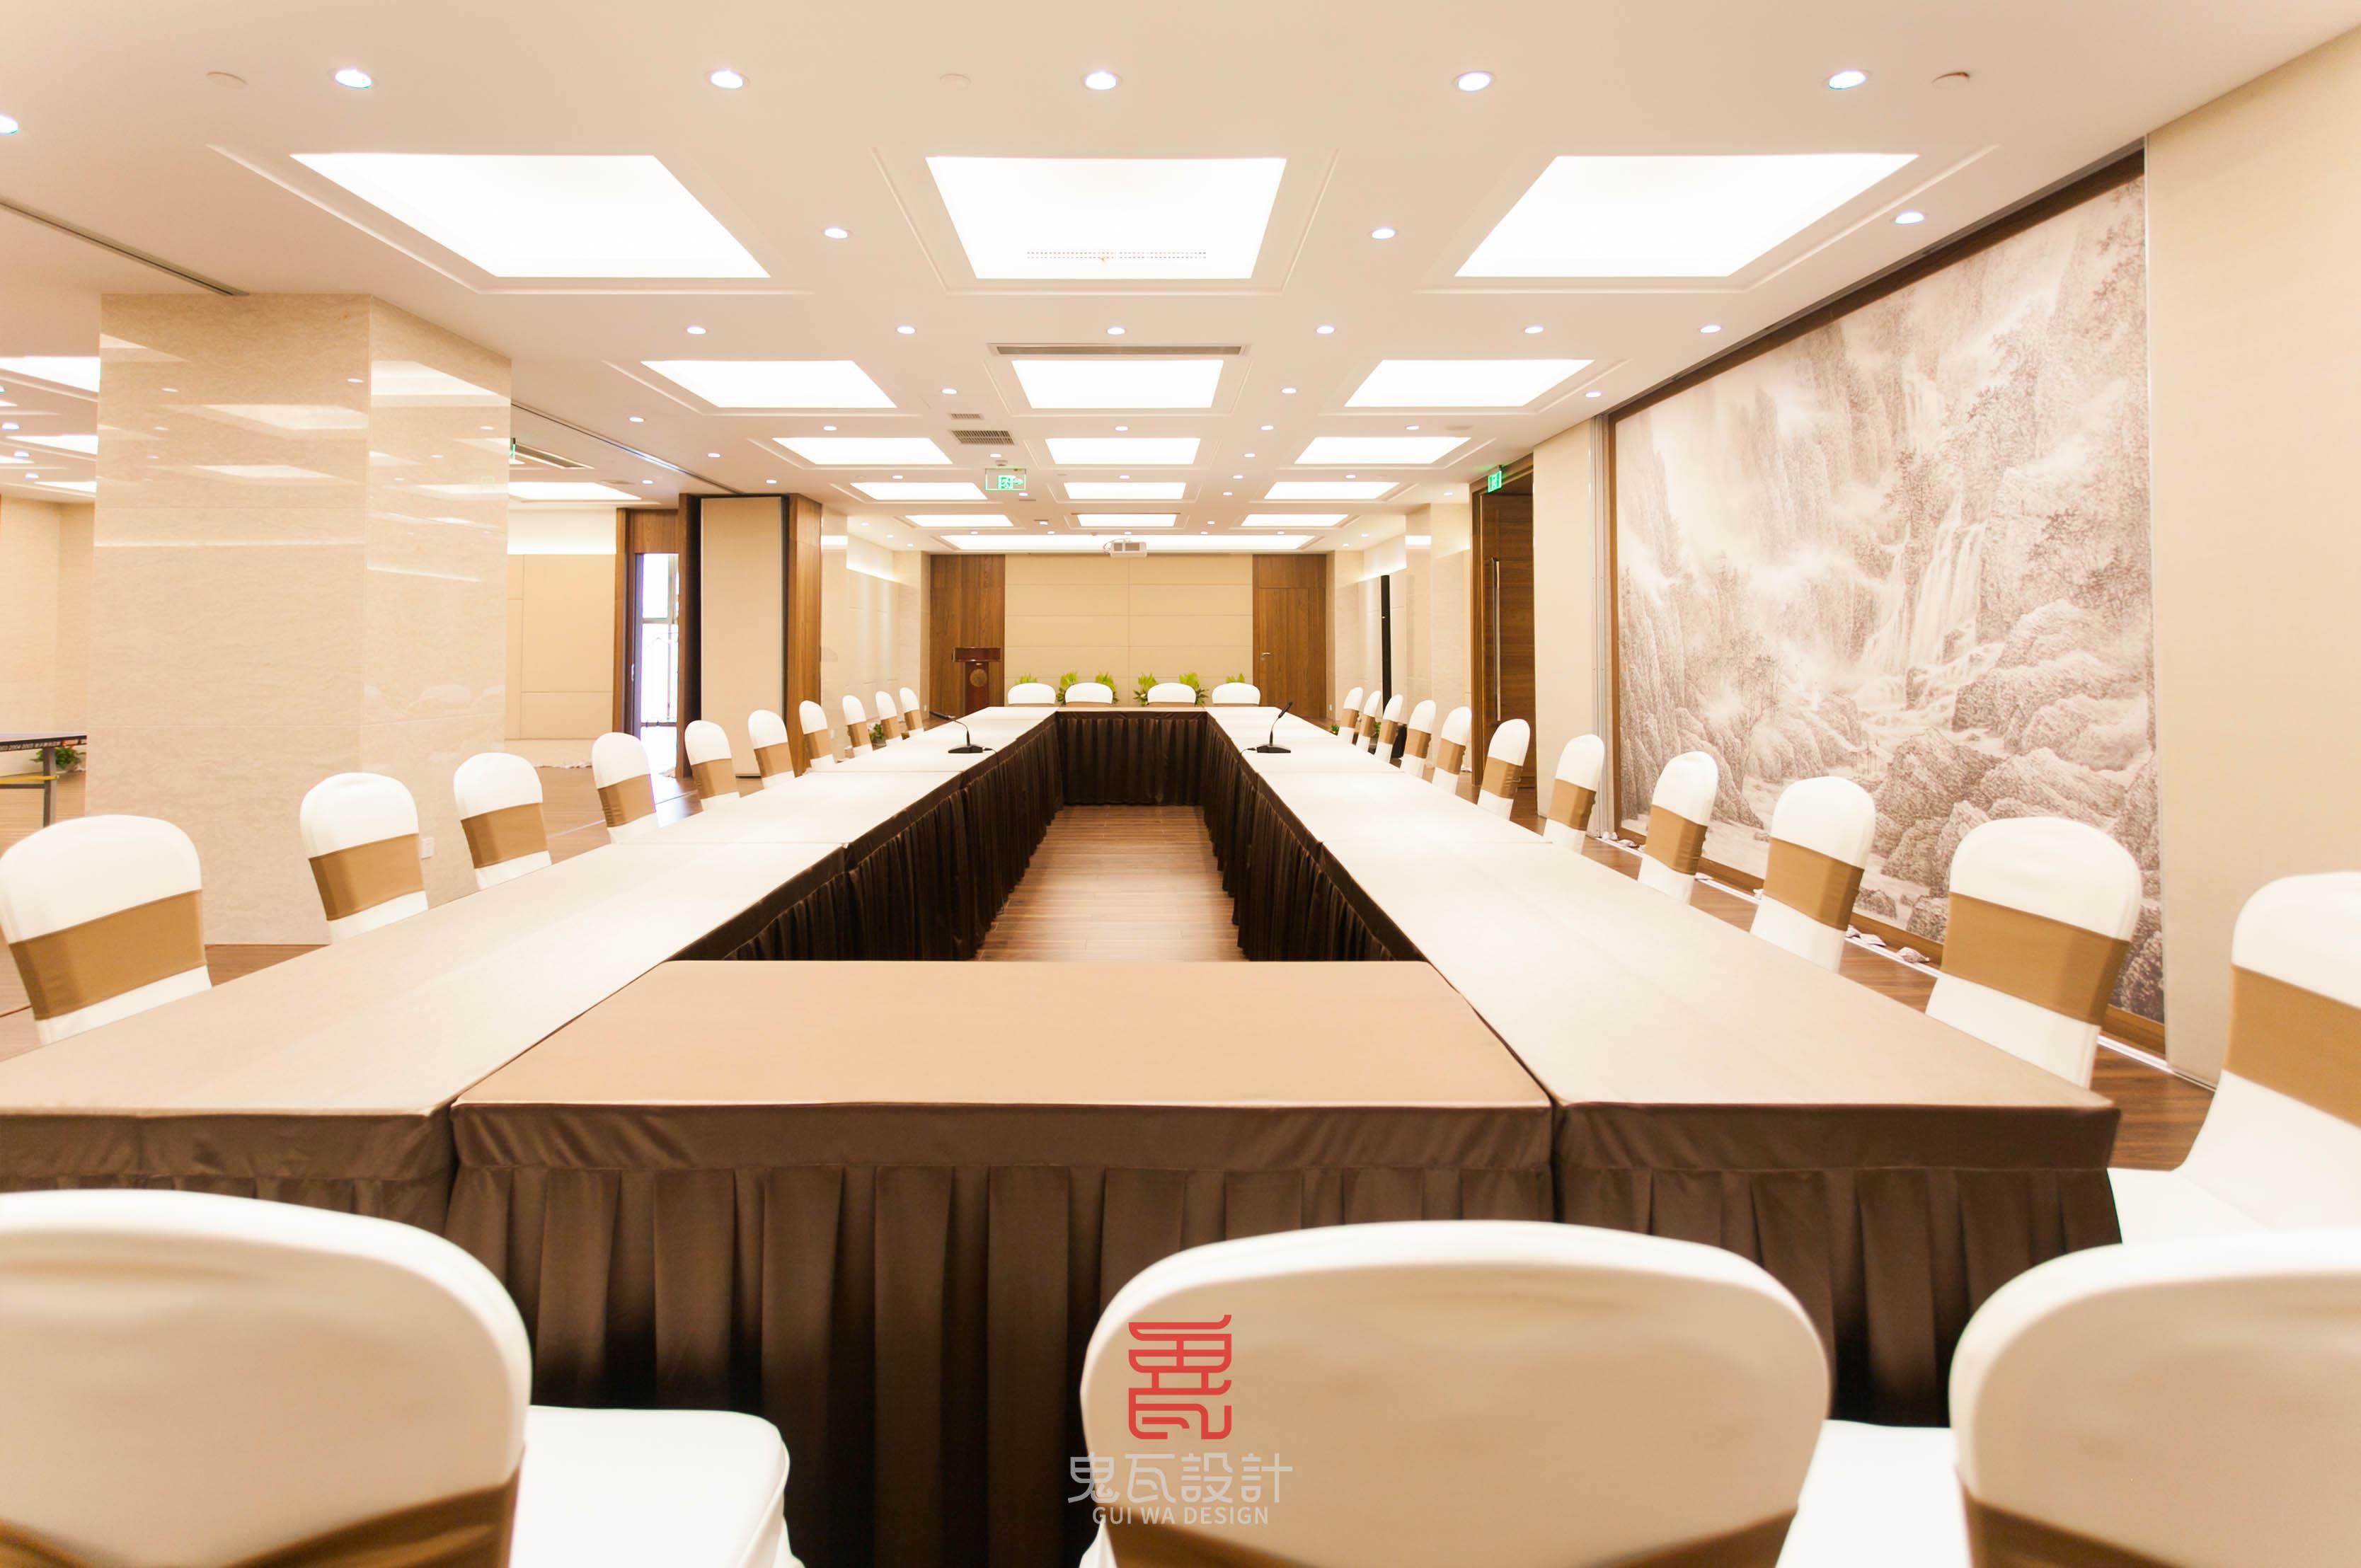 上海海成資源集團辦公大樓